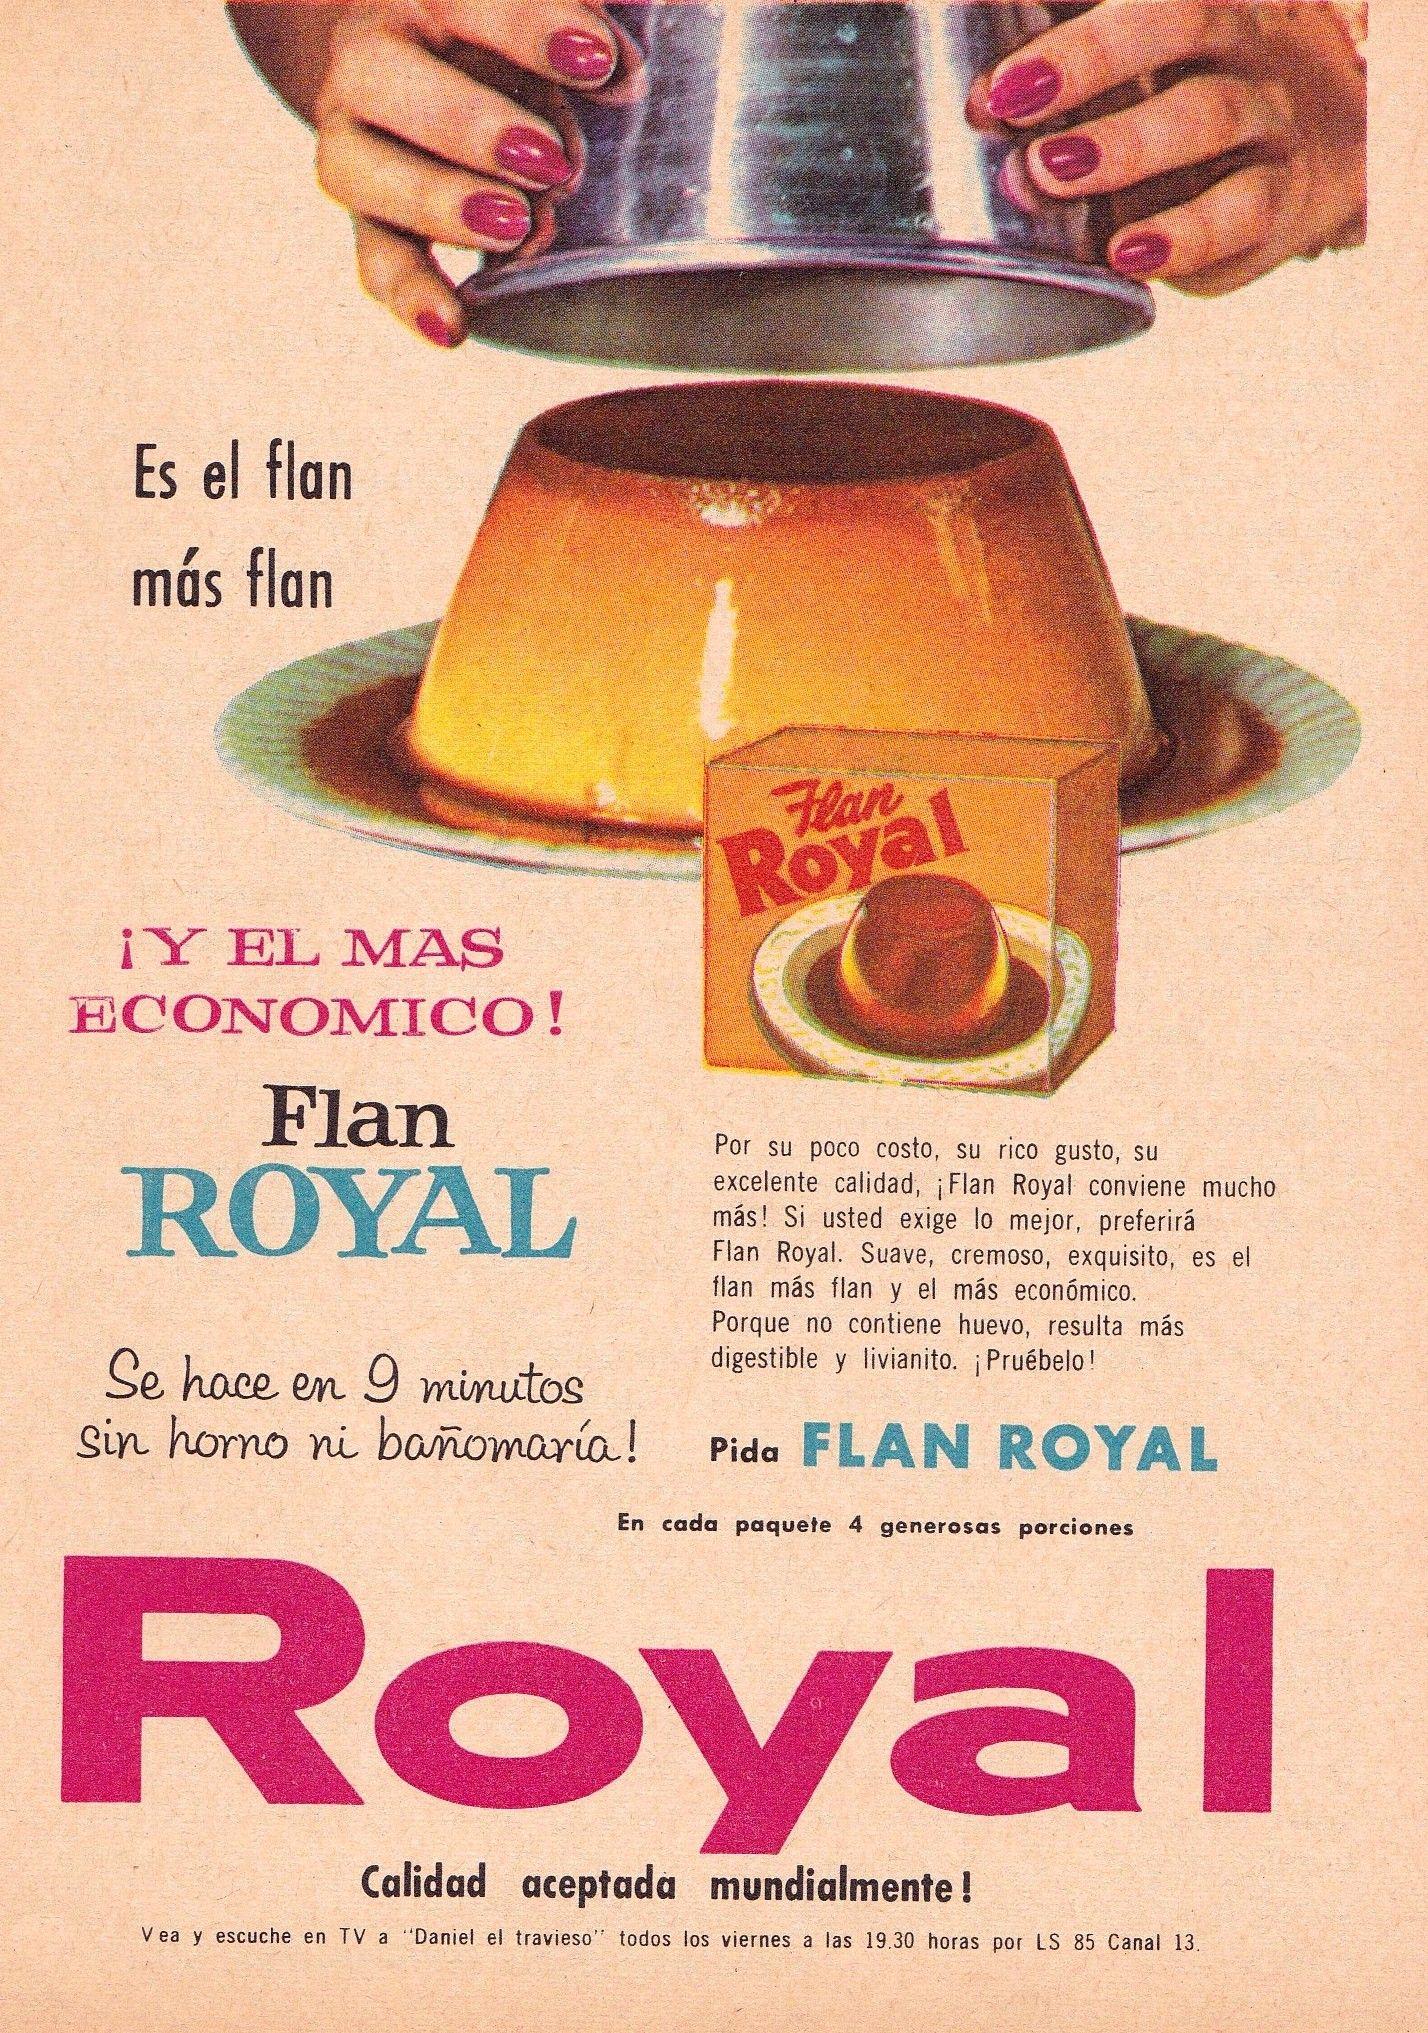 Pin de eduardo fantin en antiguas graficas argentinas 2 vintage advertisements advertising y - Carteles publicitarios antiguos ...